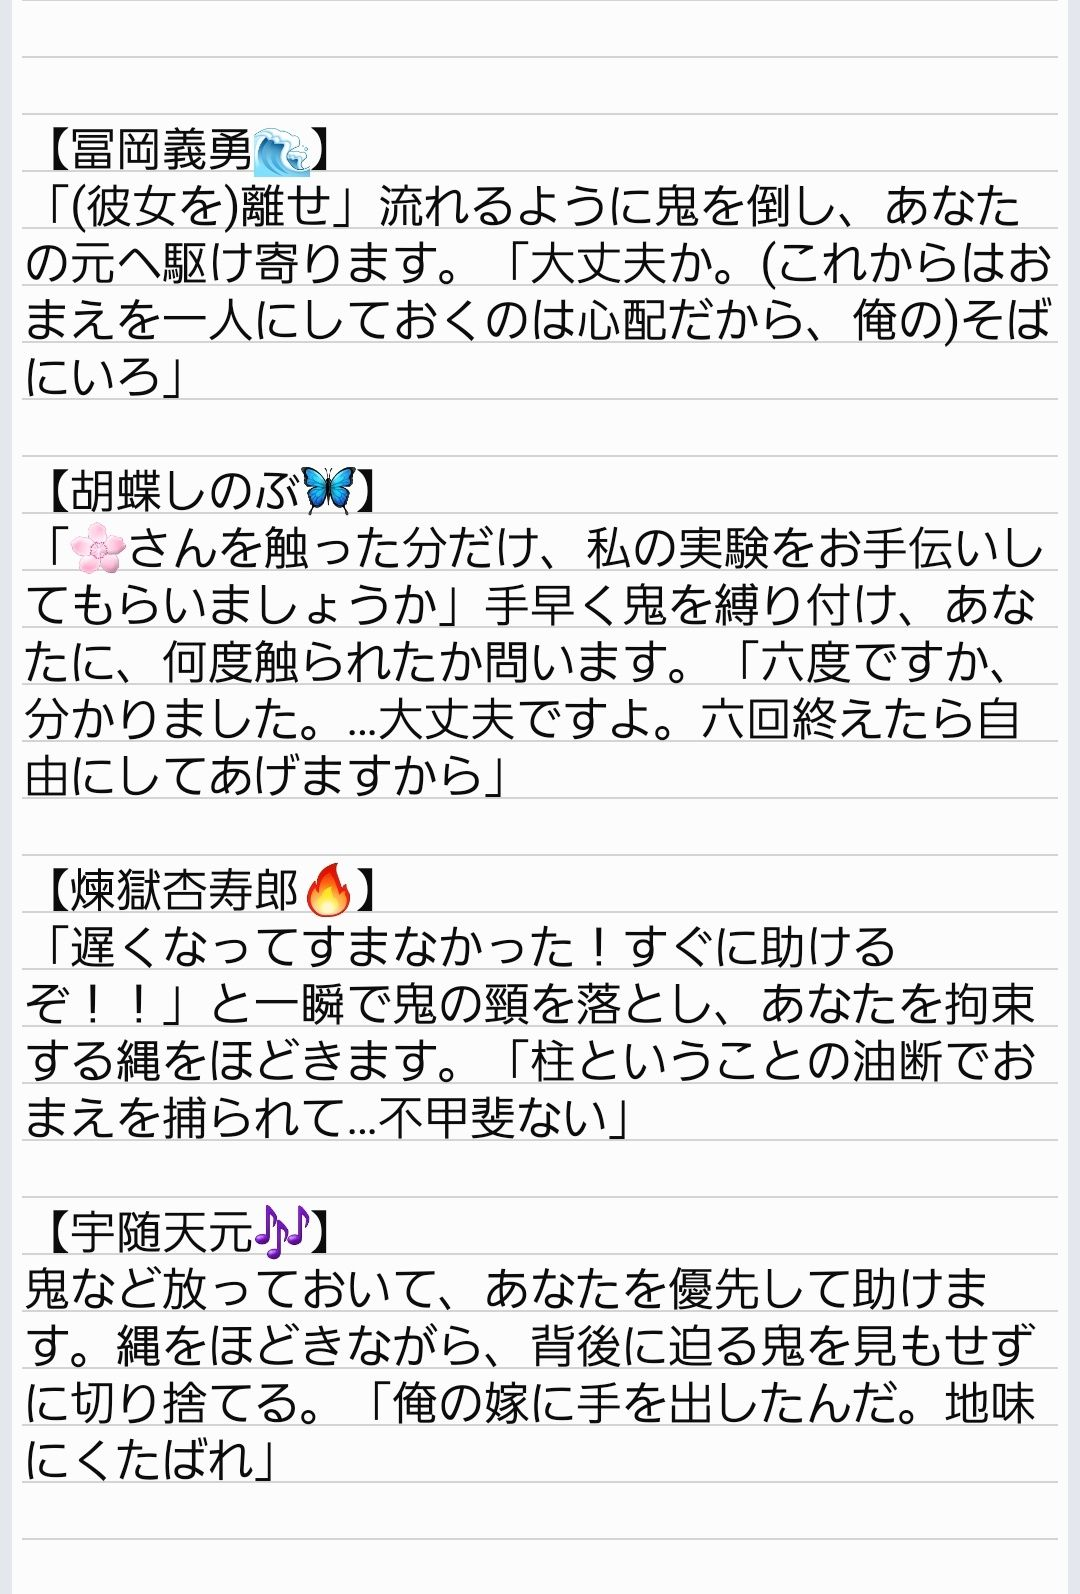 鬼 滅 の刃 夢小説 無一郎 鬼滅の刃 短編集 - 浮気...? - 無一郎夢(浮気...?)